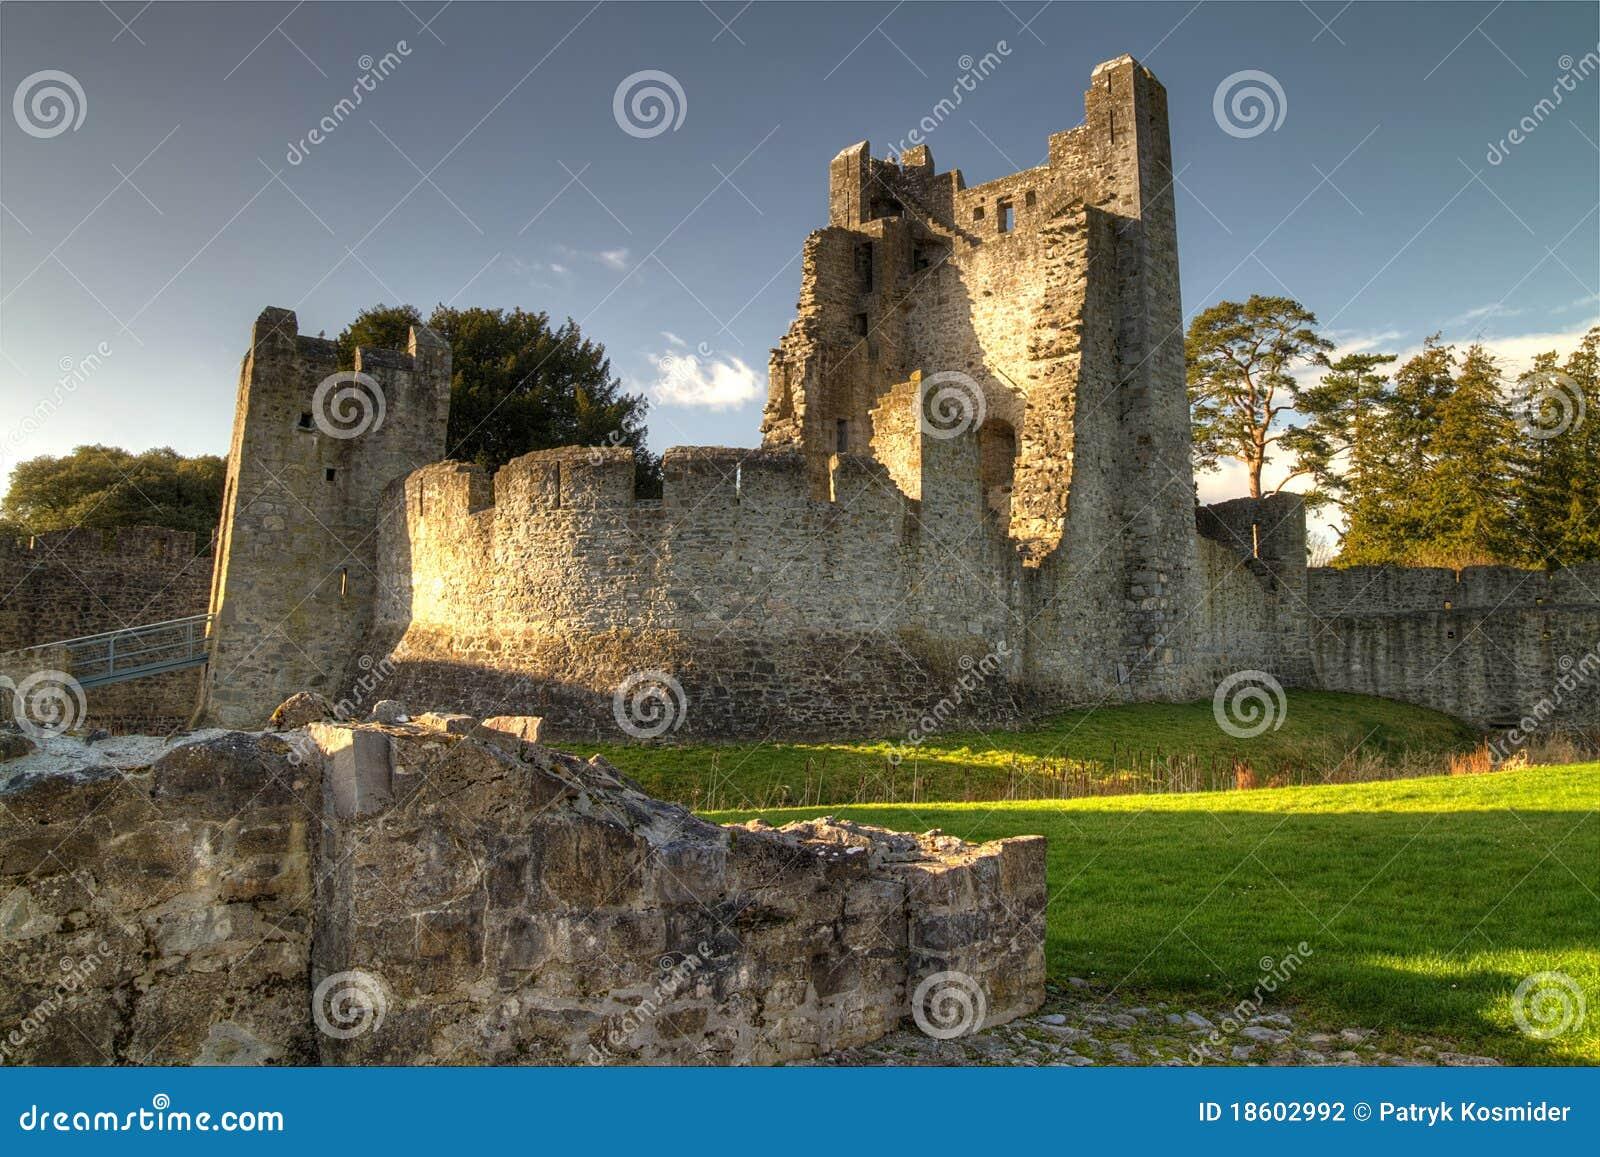 Castillo de Adare - HDR